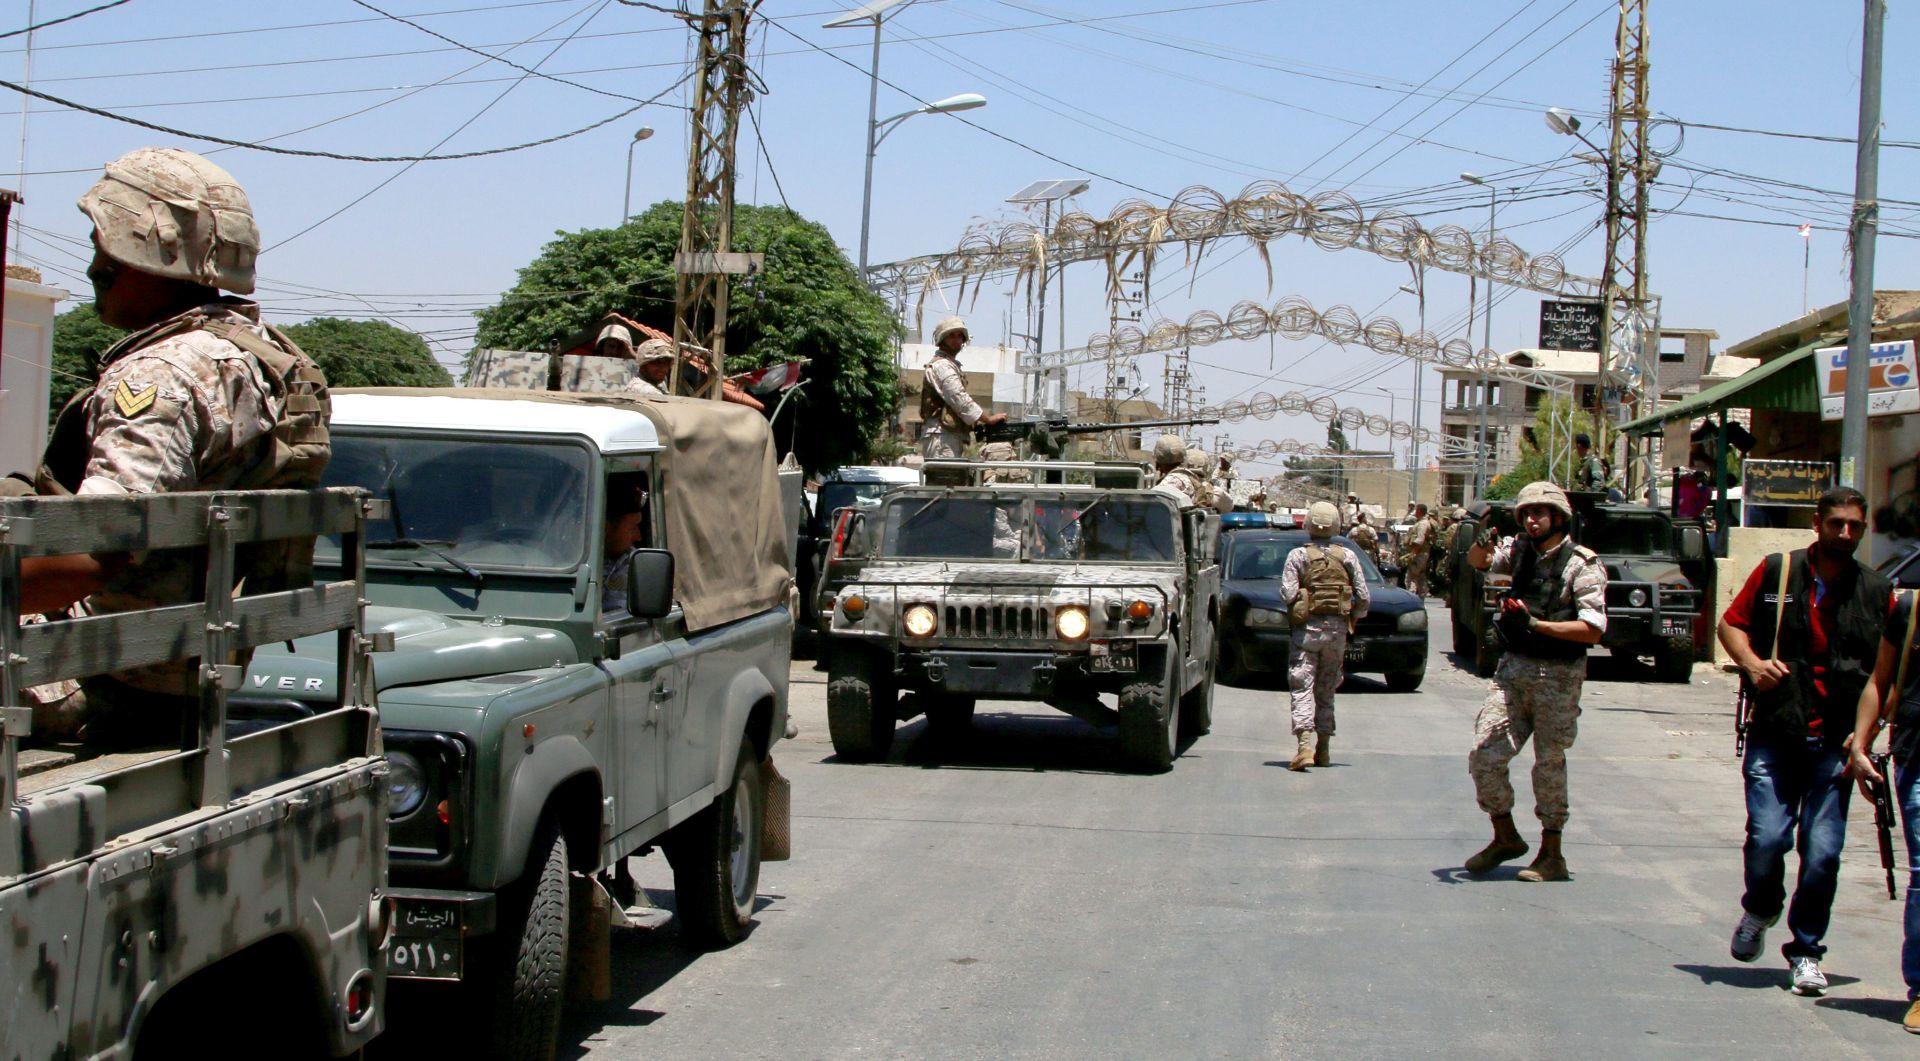 BAGDAD Osam mrtvih u samoubilačkom napadu